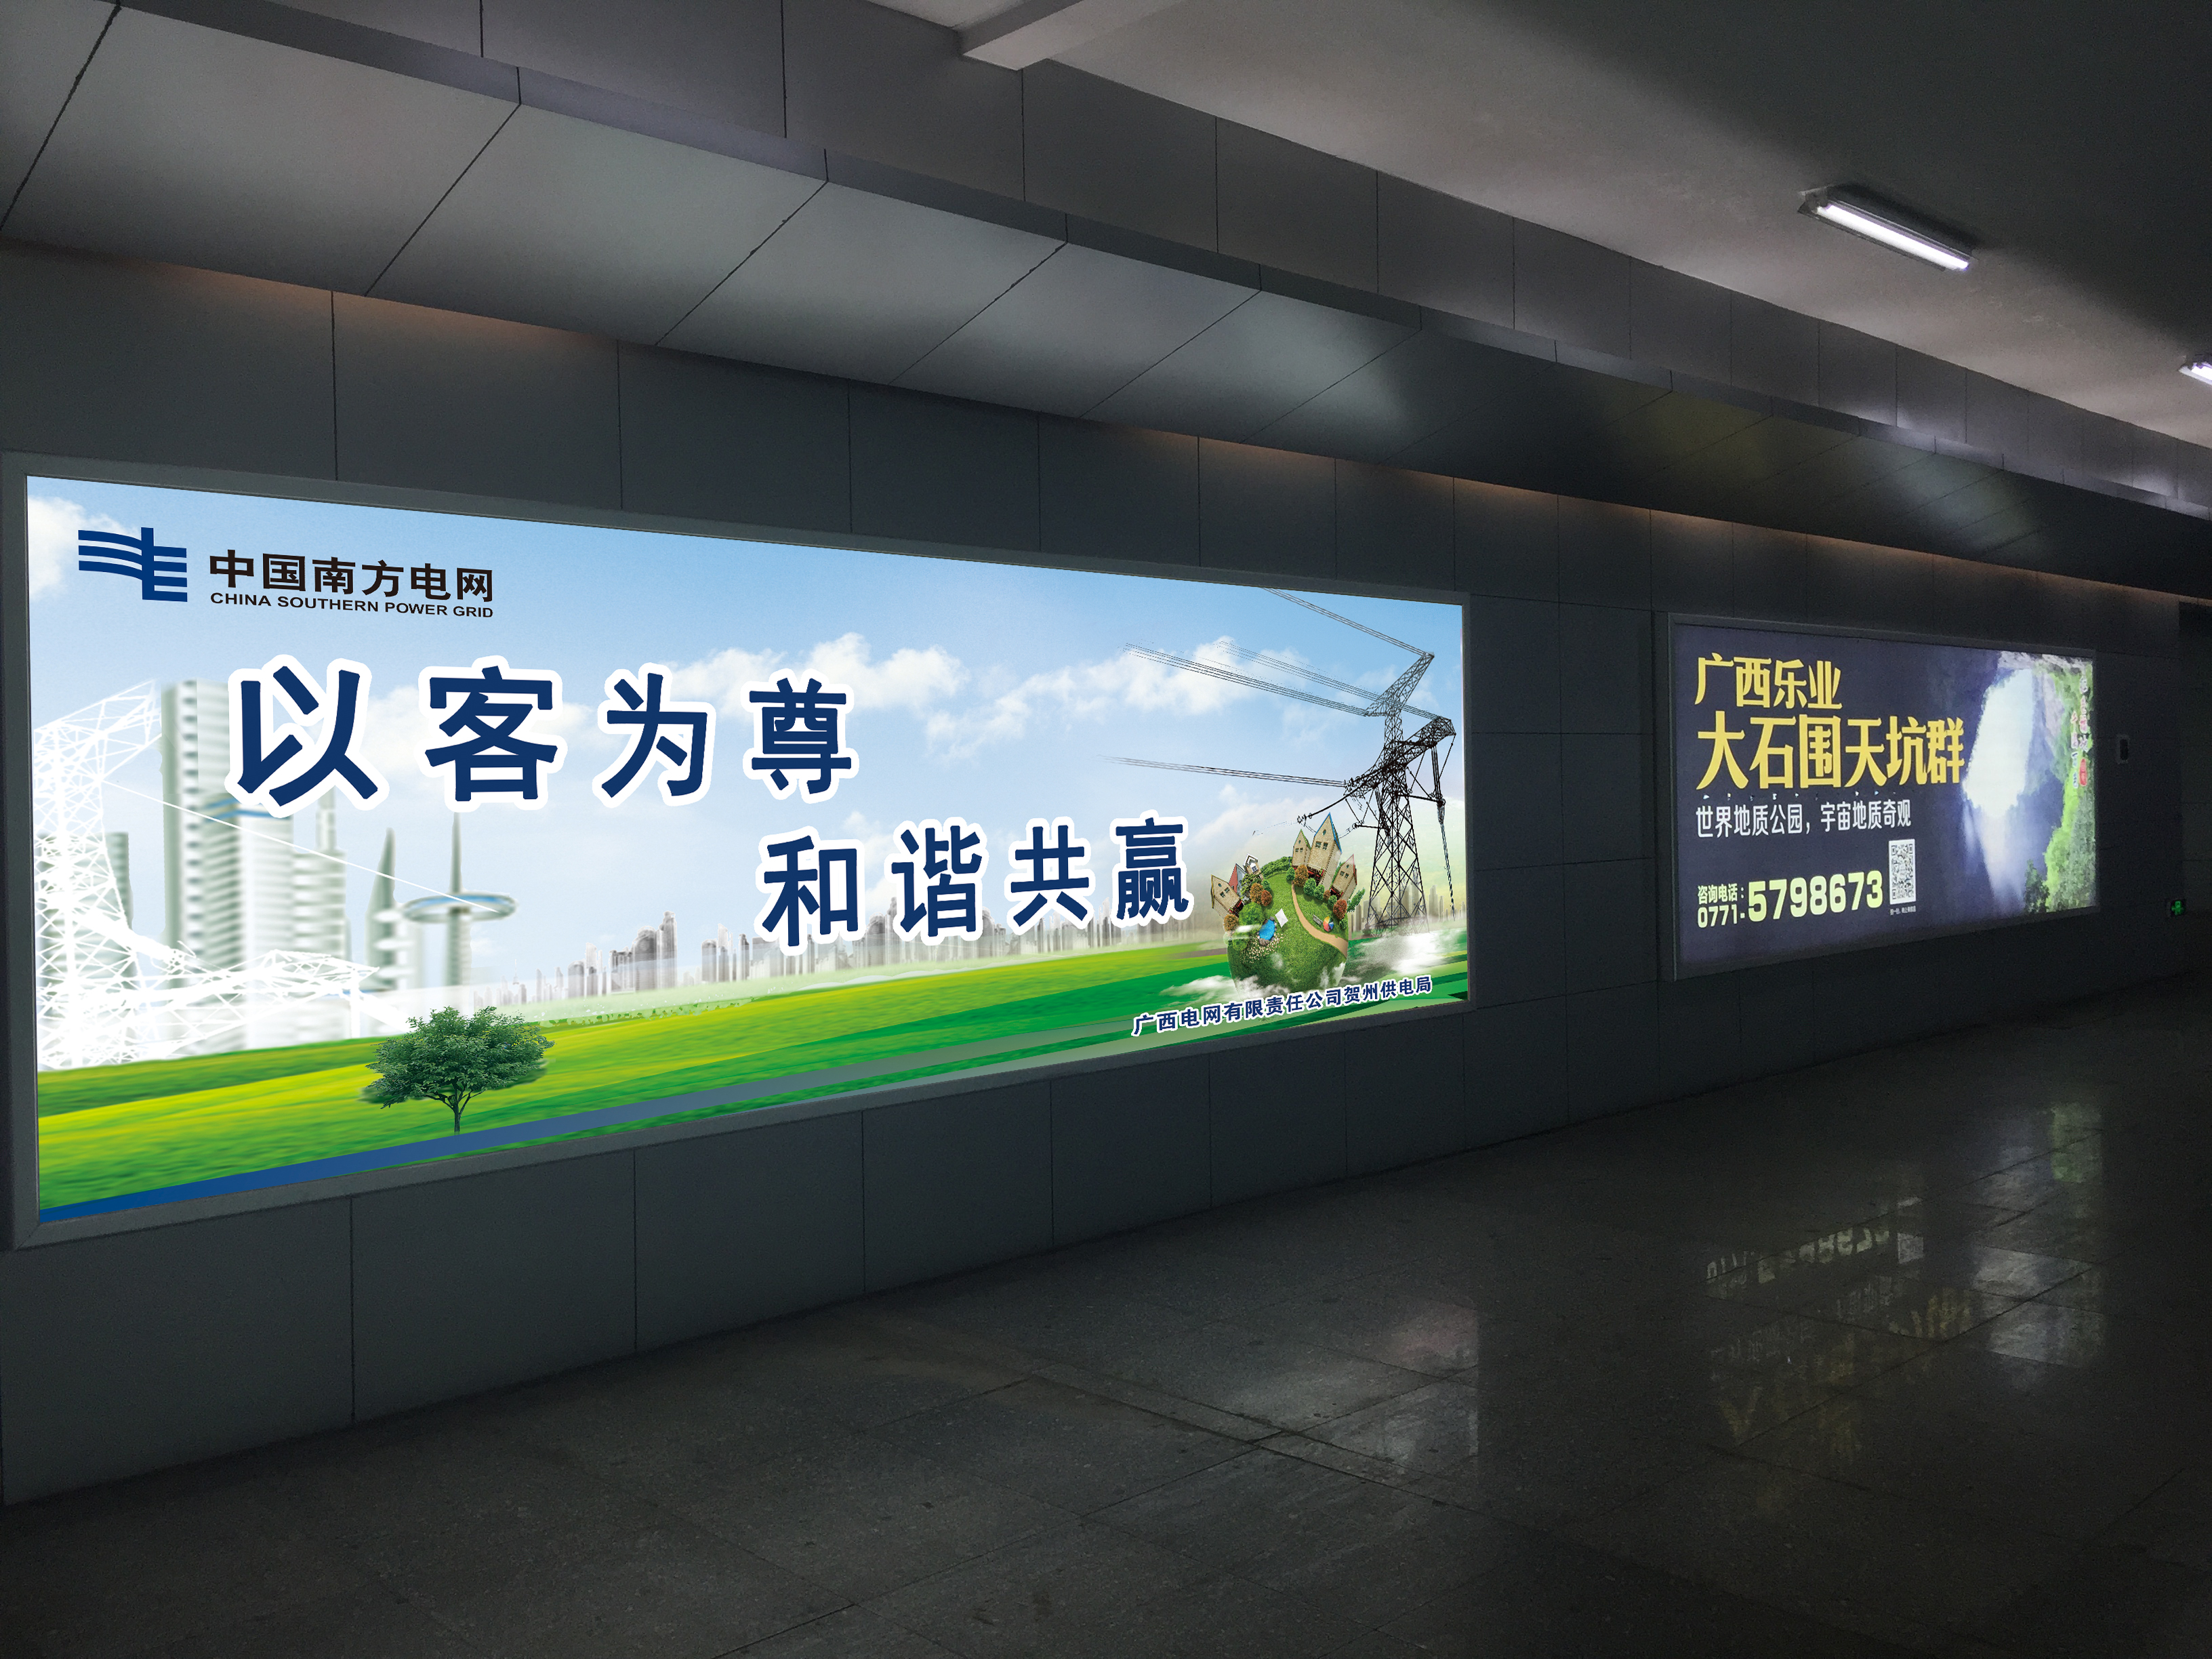 广西贺州市贺州站火车站高铁站候车大厅灯箱媒体广告位